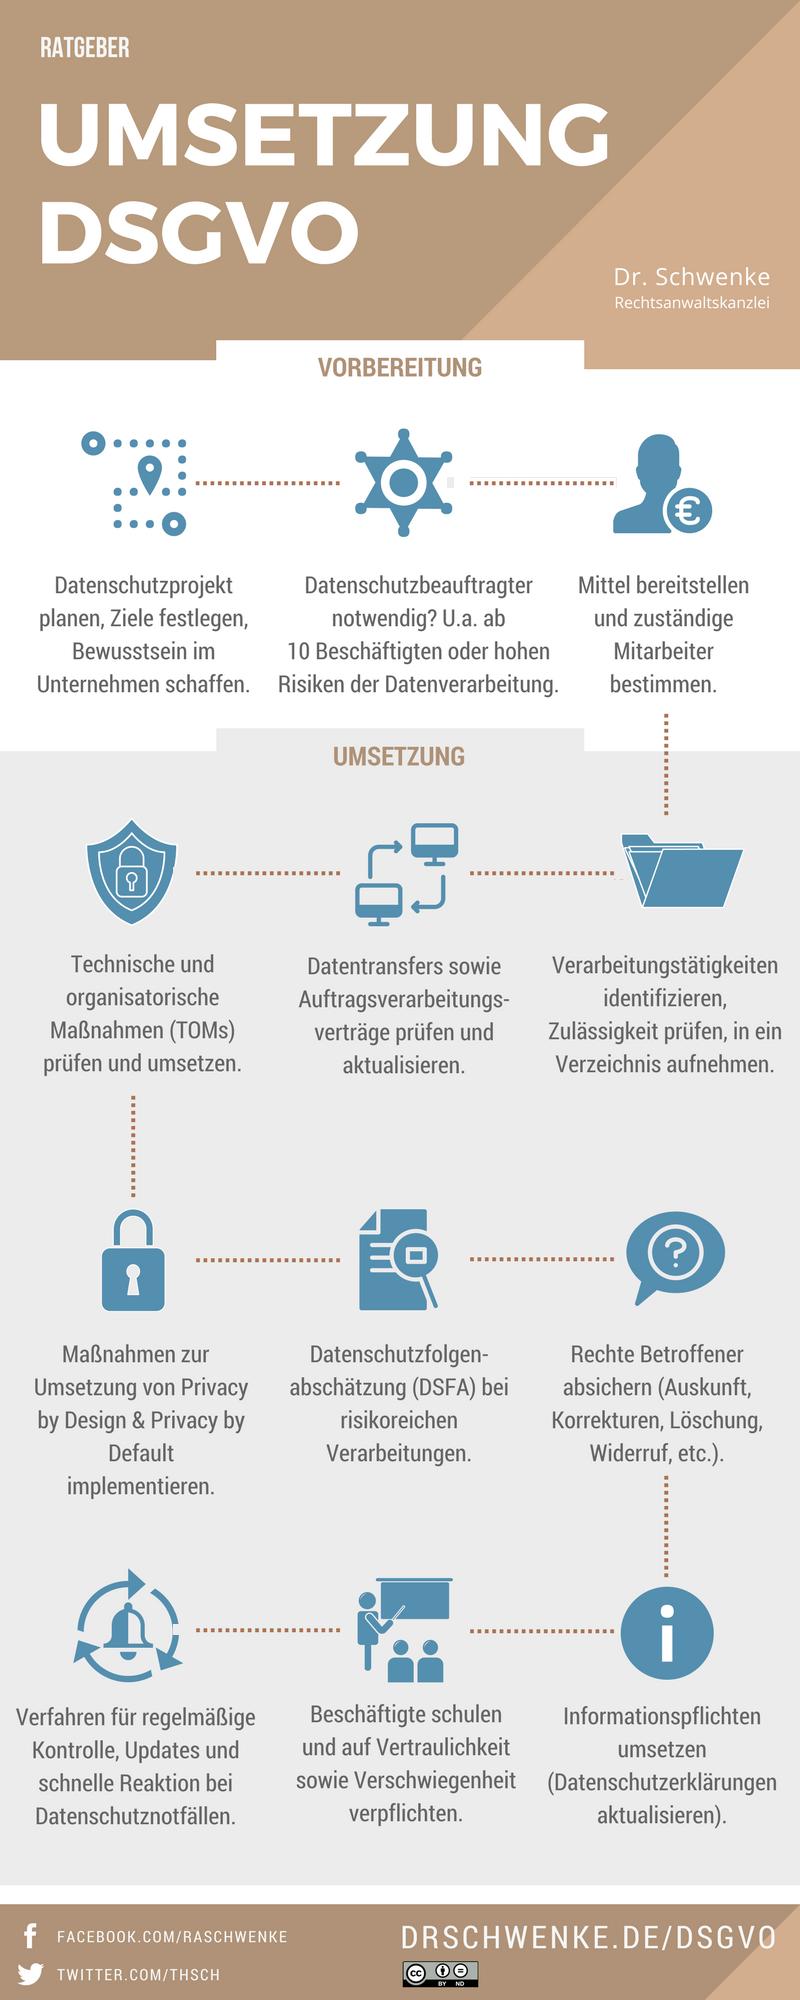 Infografik DSGVO Umsetzung Dr. Schwenke / Lizenz cc-by-nd